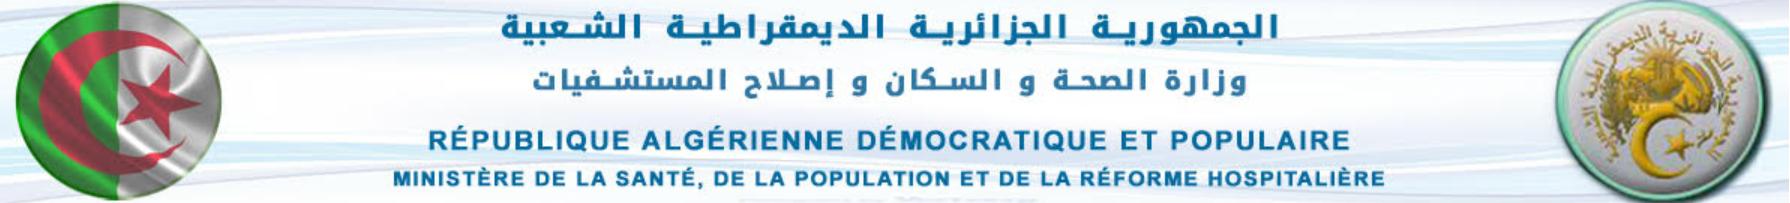 Ministère de la Santé de la Population et de la Réforme Hospitalière, Algérie